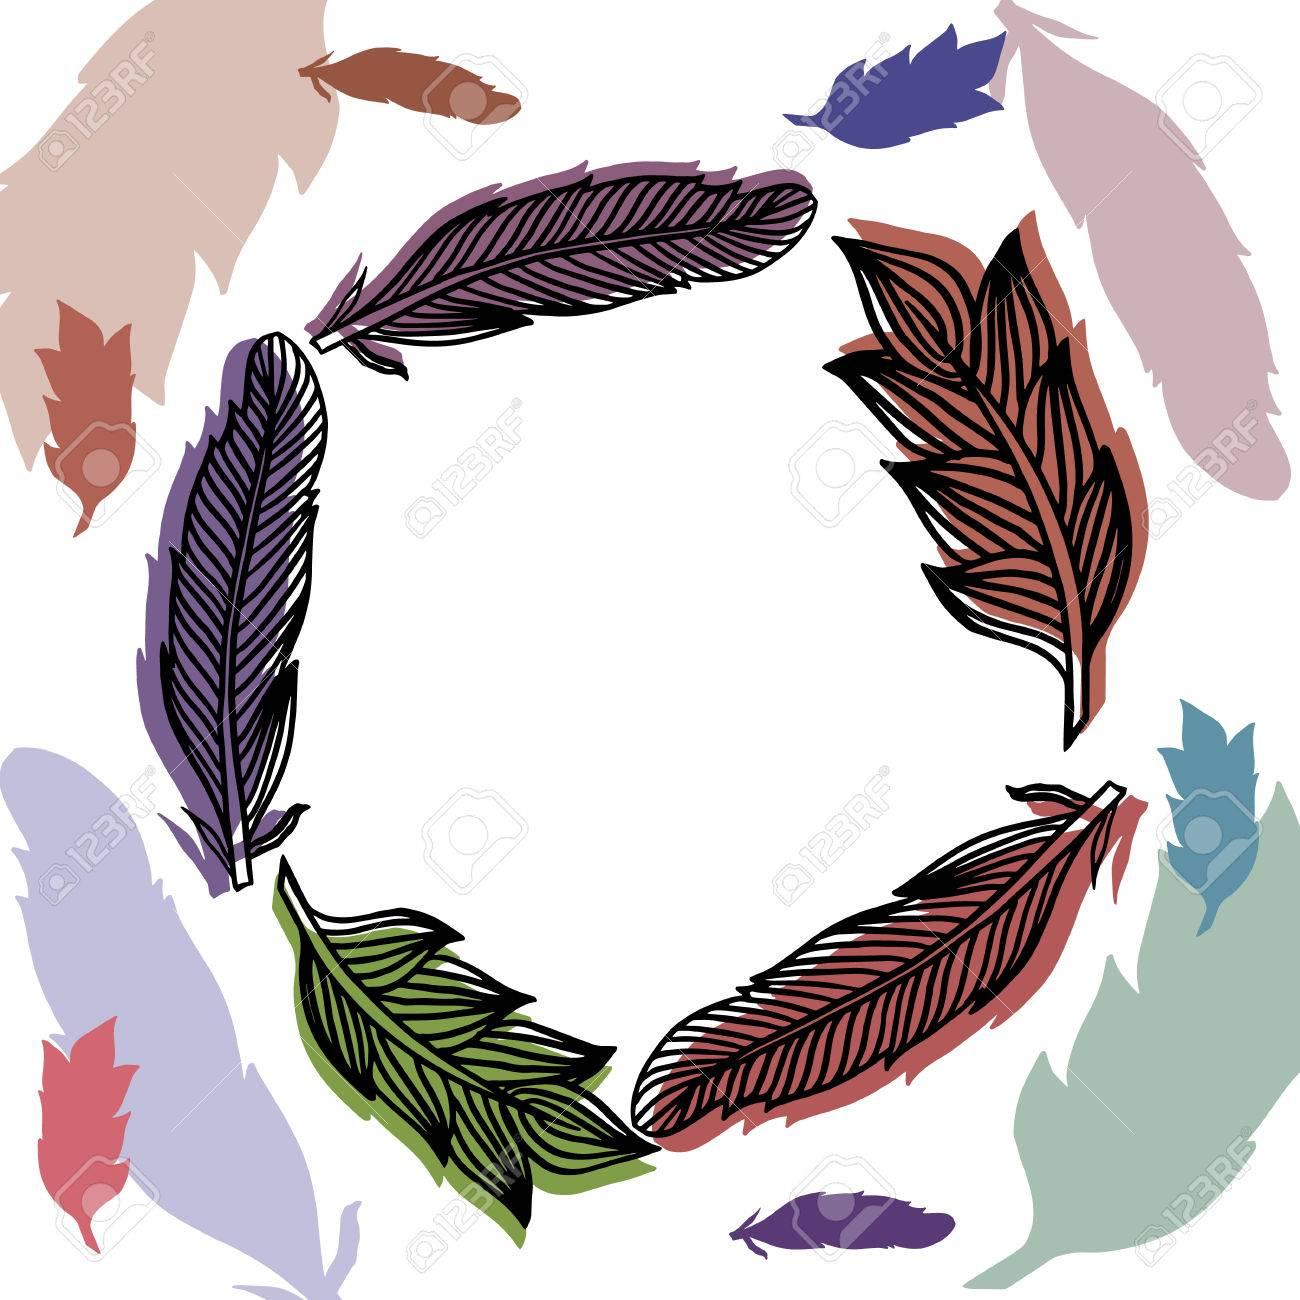 Plumas Marco Con La Impresión Llena De Color. Dibujo Vectorial ...